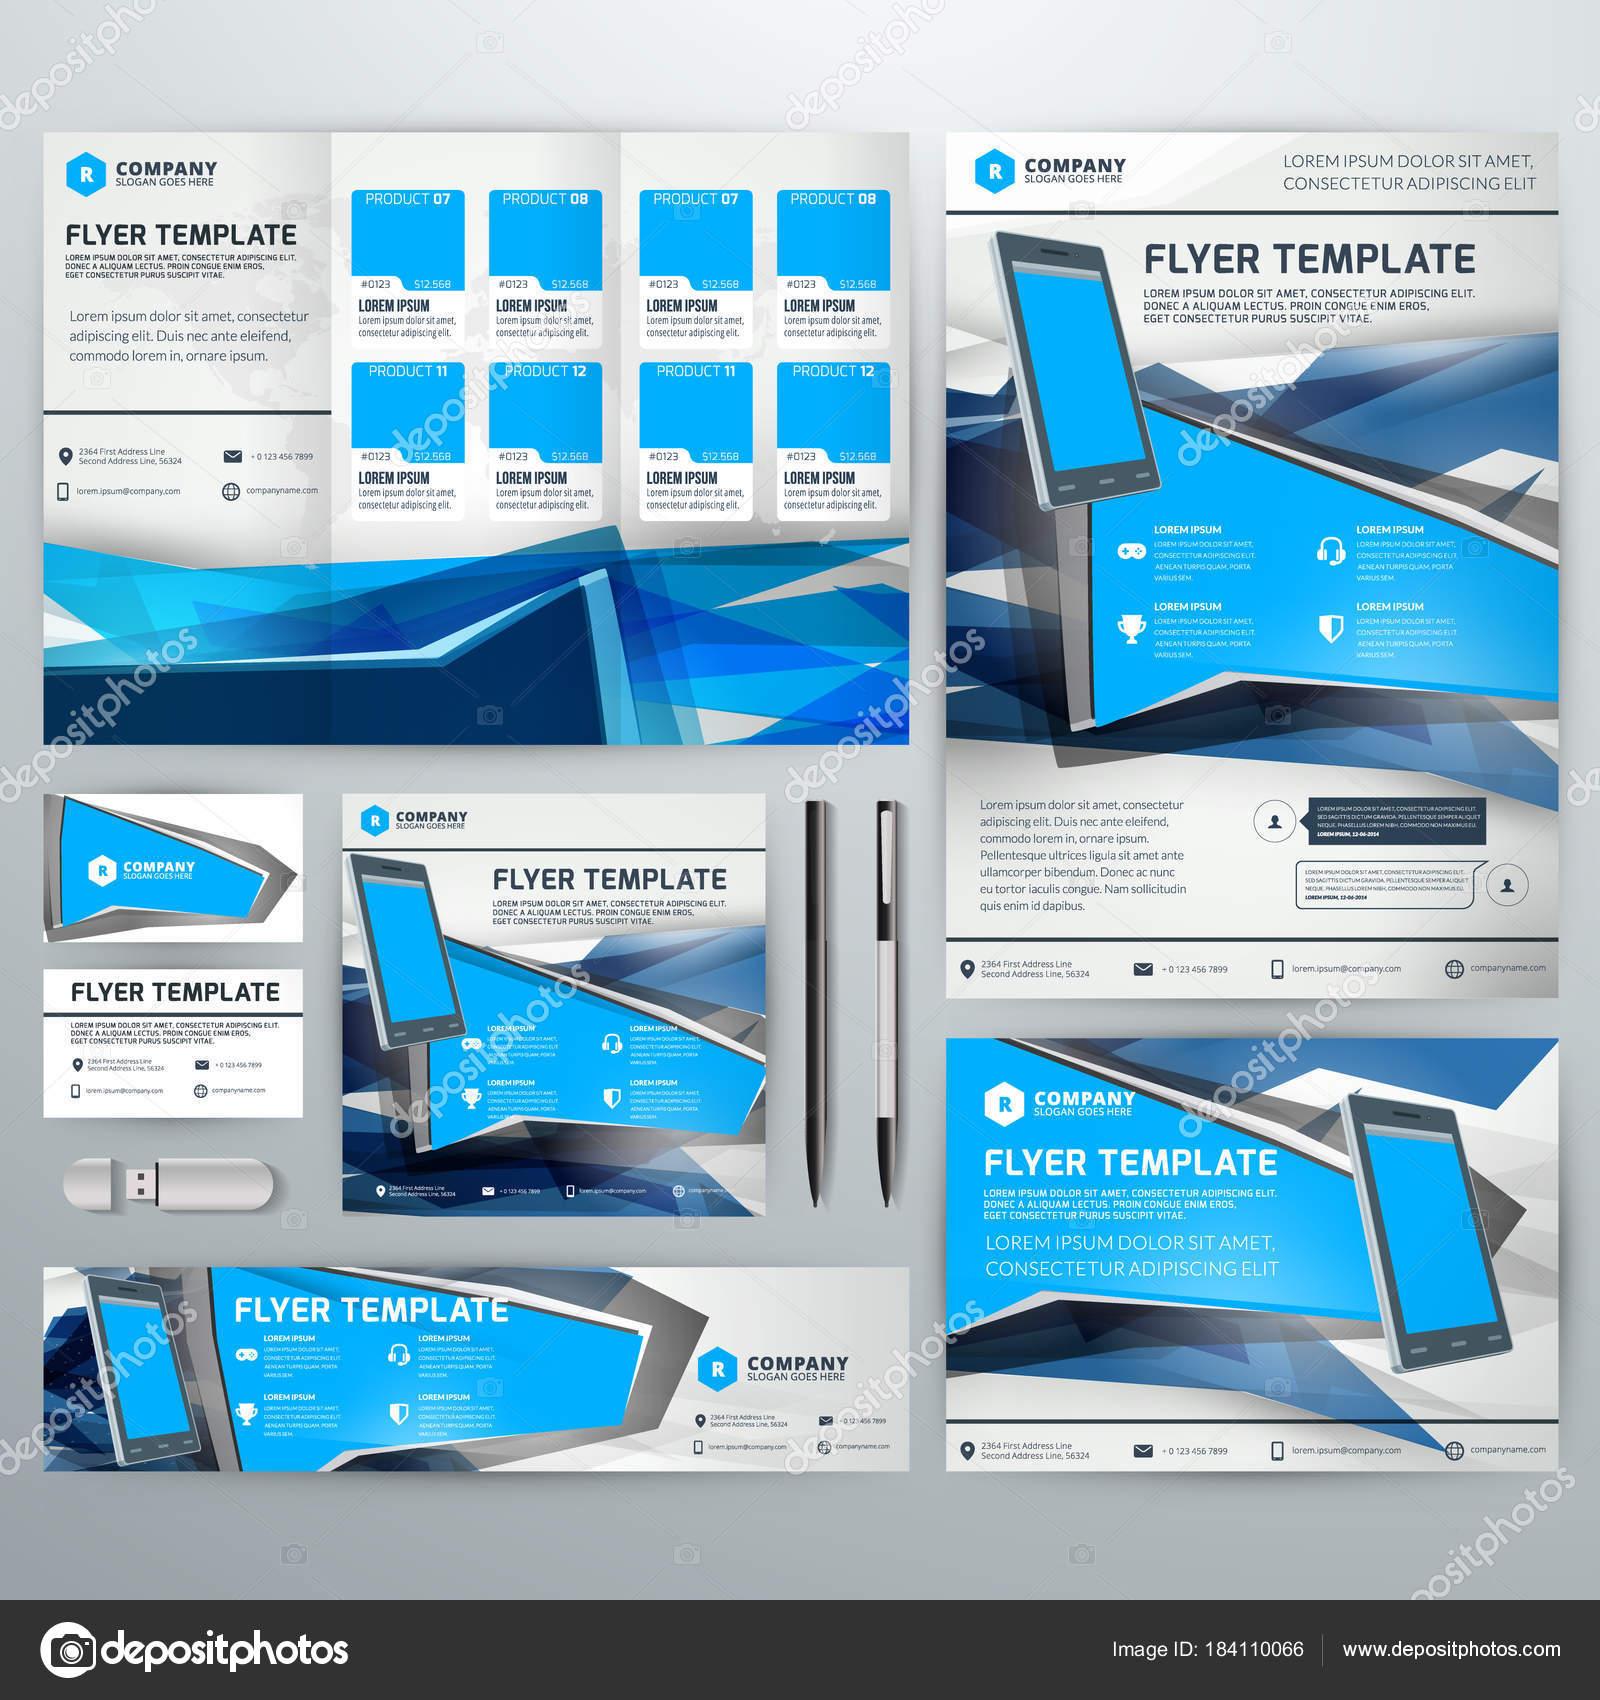 Identit Visuelle Avec Fond Abstrait Vector Web Bannire Flyer Dpliant Affiche Carte De Visite Vecteur Par AntartStock